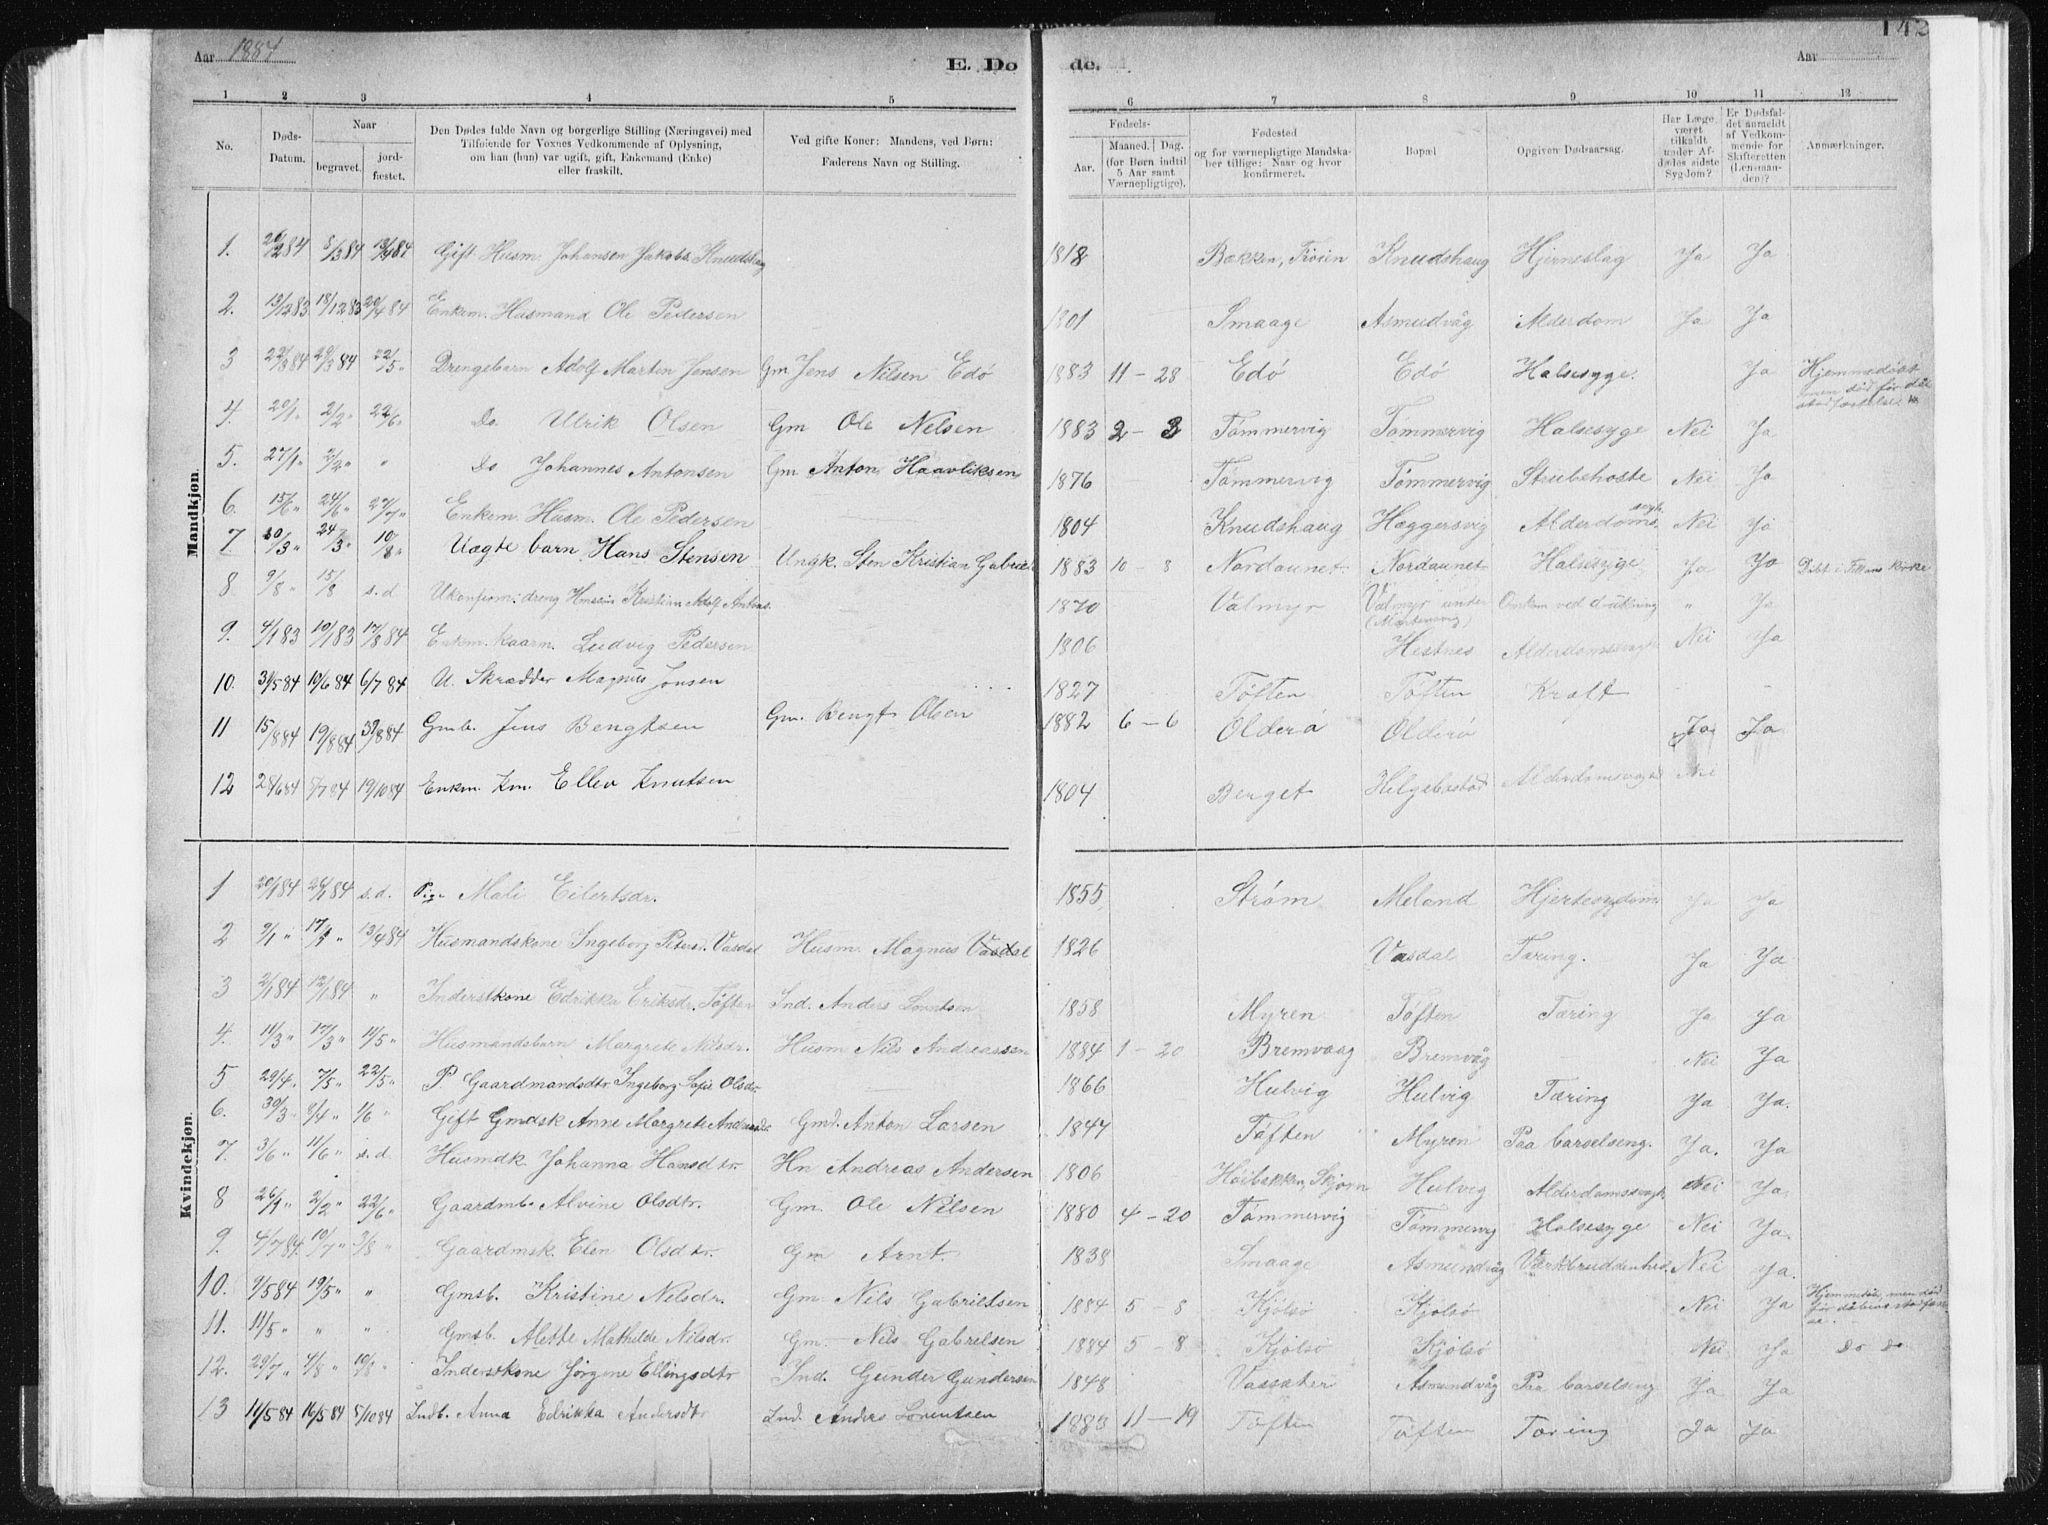 SAT, Ministerialprotokoller, klokkerbøker og fødselsregistre - Sør-Trøndelag, 634/L0533: Ministerialbok nr. 634A09, 1882-1901, s. 142